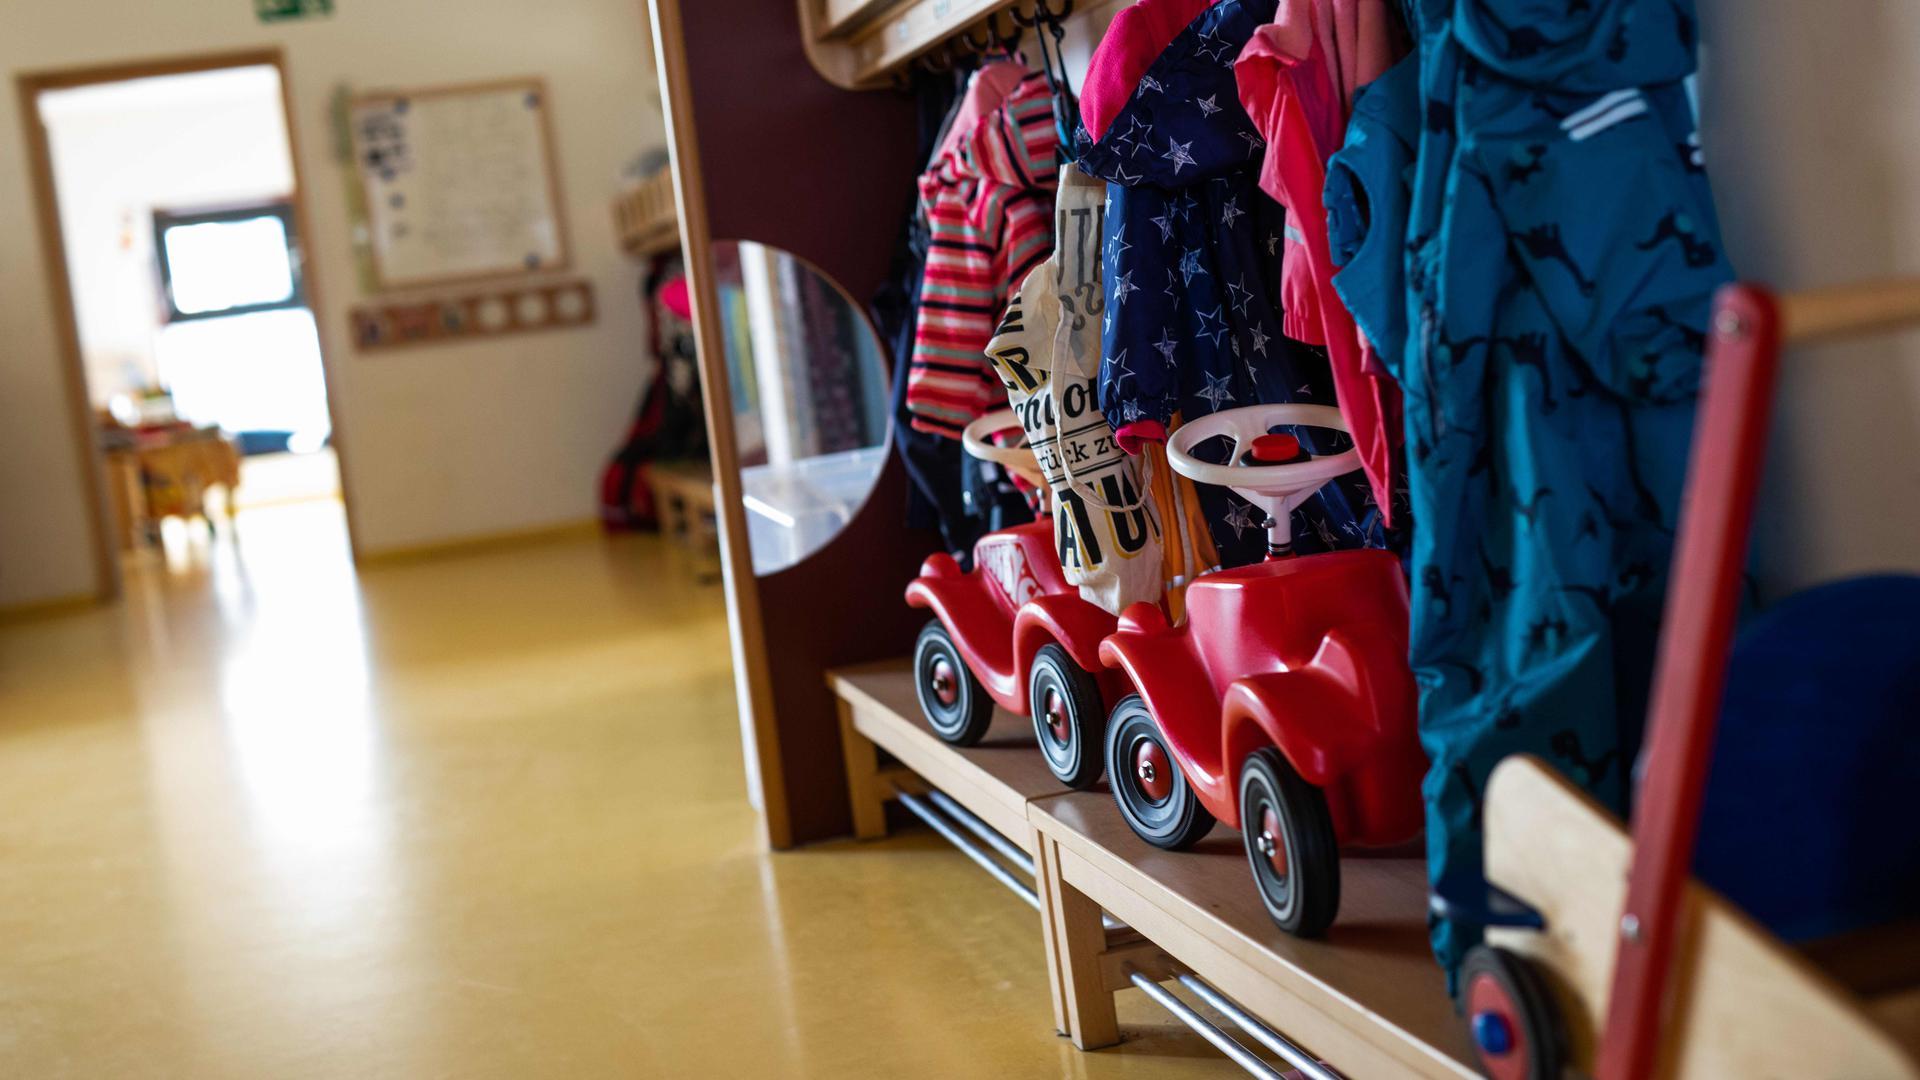 Bobbycars stehen unter Jacken von Kindern, die an einer Garderobe einer Kindertagesstätte (Kita) hängen. Bundespräsident Frank-Walter Steinmeier hat sich dafür ausgesprochen, bei Lockerungen der Corona-Maßnahmen besonders an Schulen und Kitas zu denken. (zu dpa: Steinmeier: Zugang zu Kitas und Schulen «besonders bedeutsam») +++ dpa-Bildfunk +++